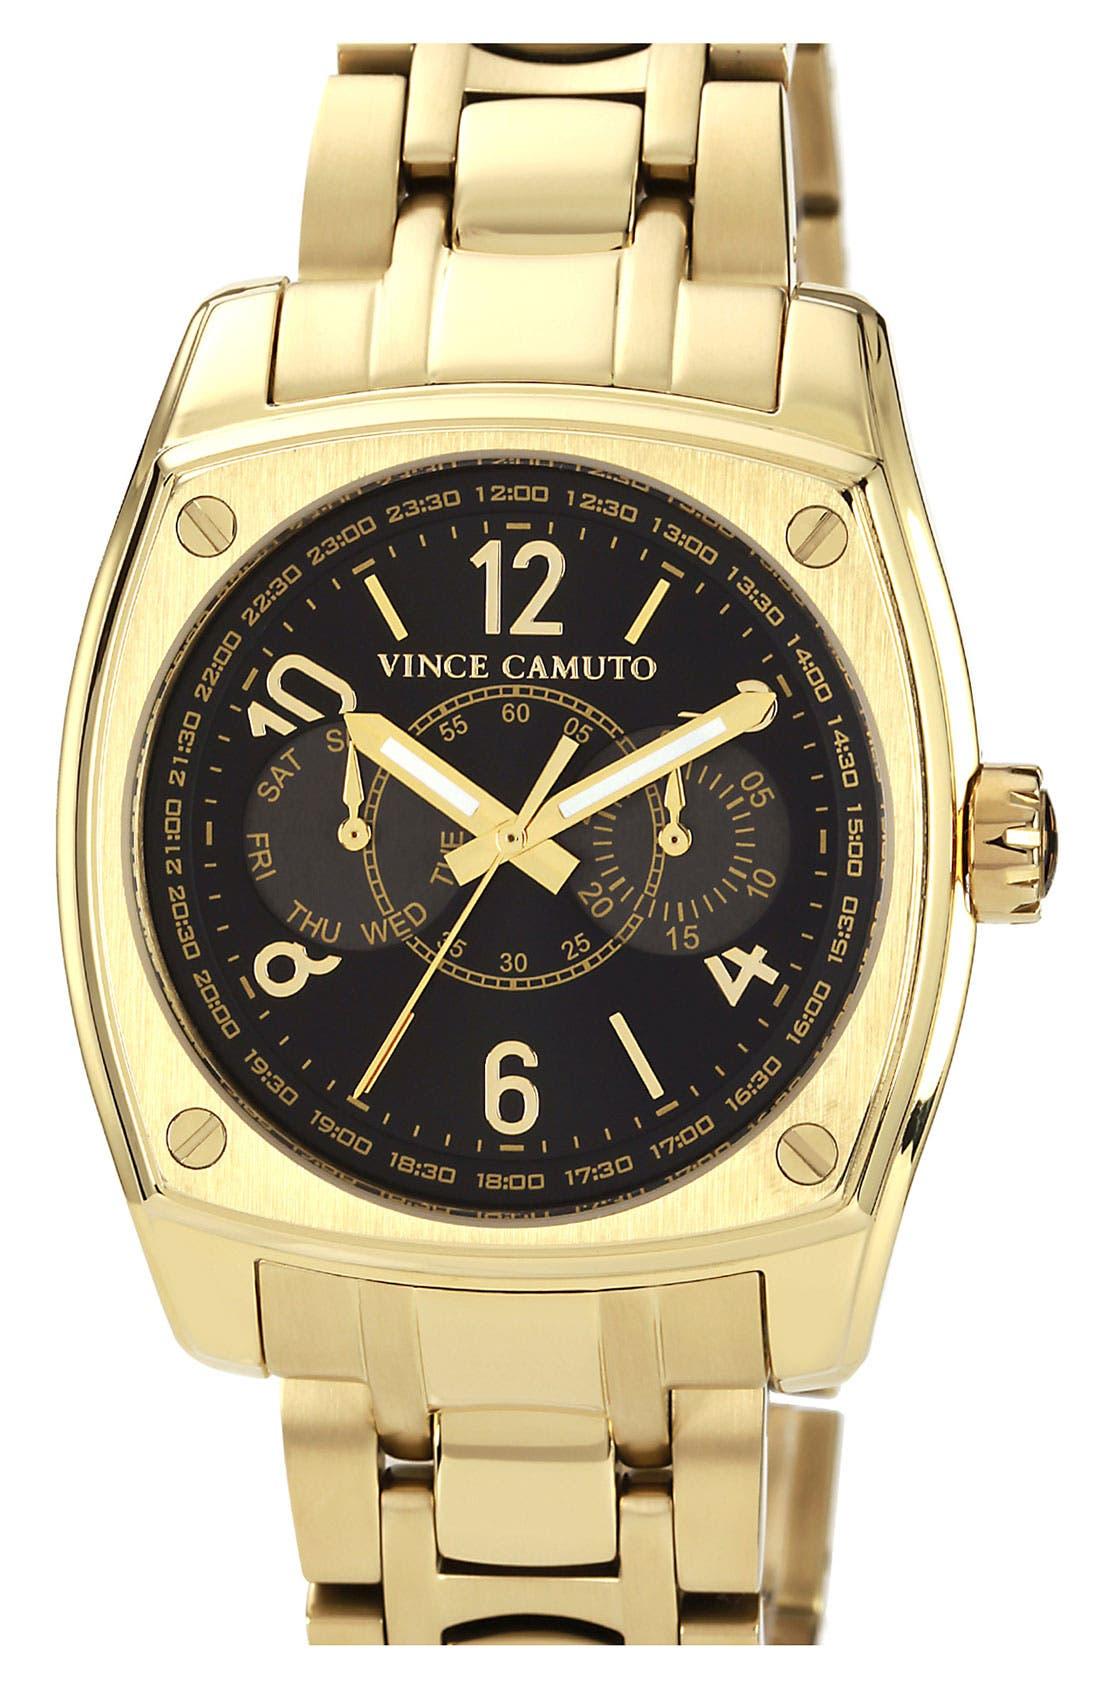 Main Image - Vince Camuto 'Lieutenant' Chronograph Bracelet Watch, 40mm x 48mm